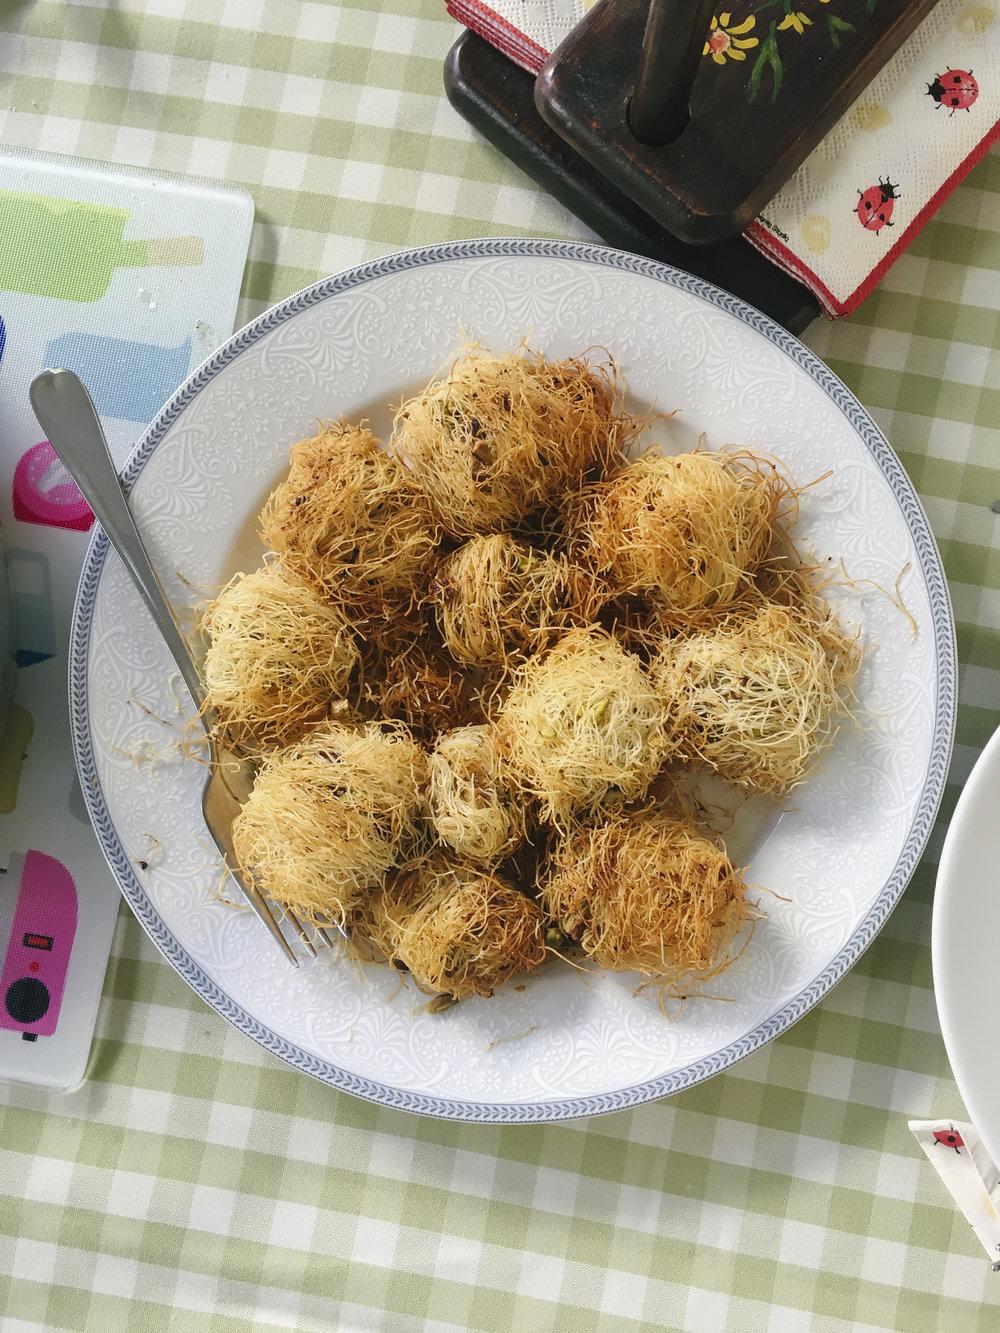 Chicken balls - iPhone photo